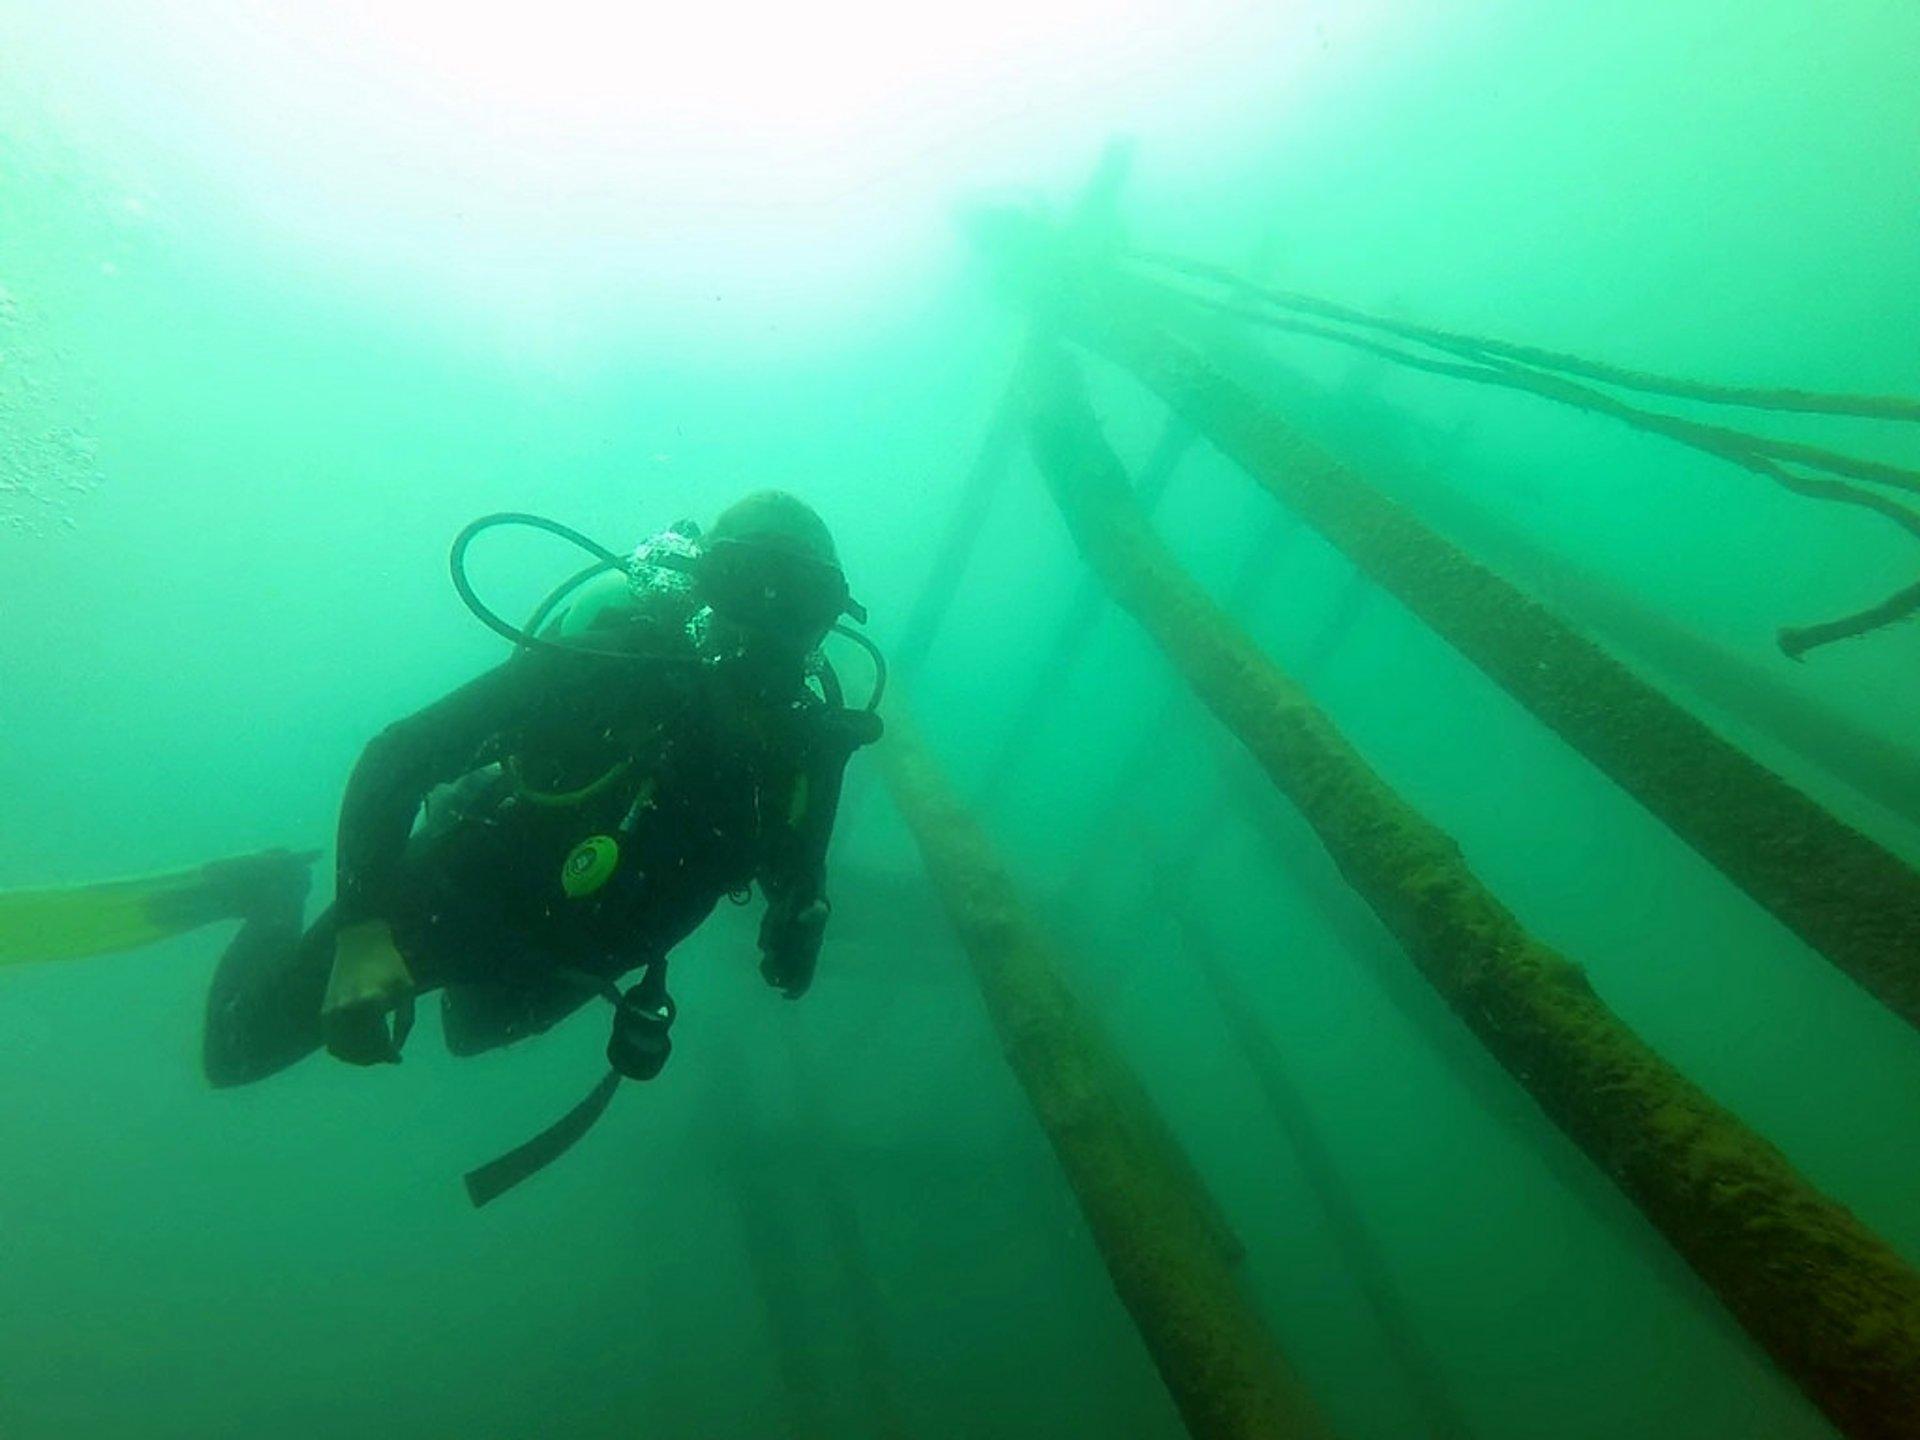 Scuba diving in Lake Atitlán 2019